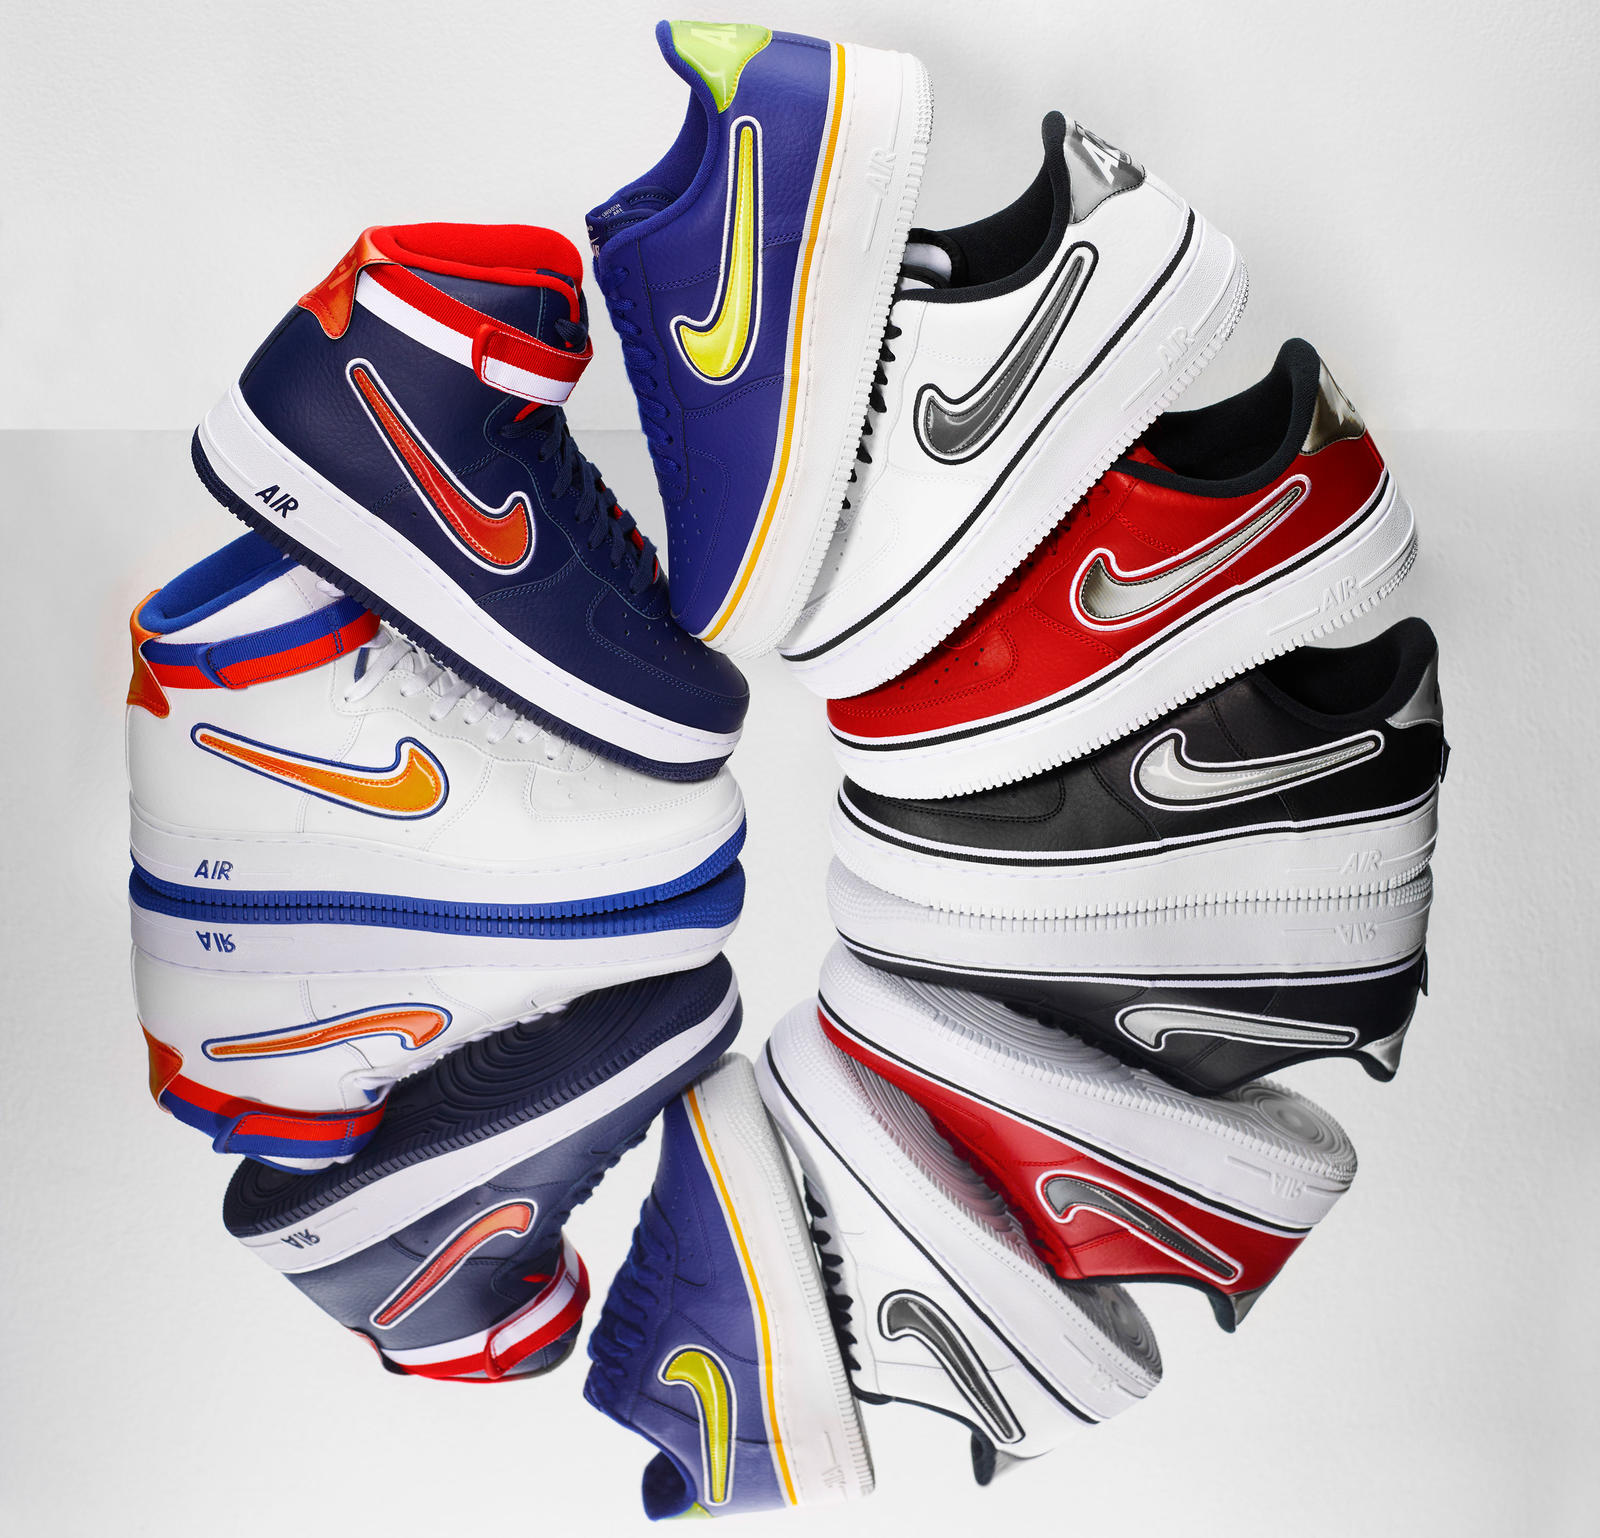 Nike Air Force 1 2018 - Nike News